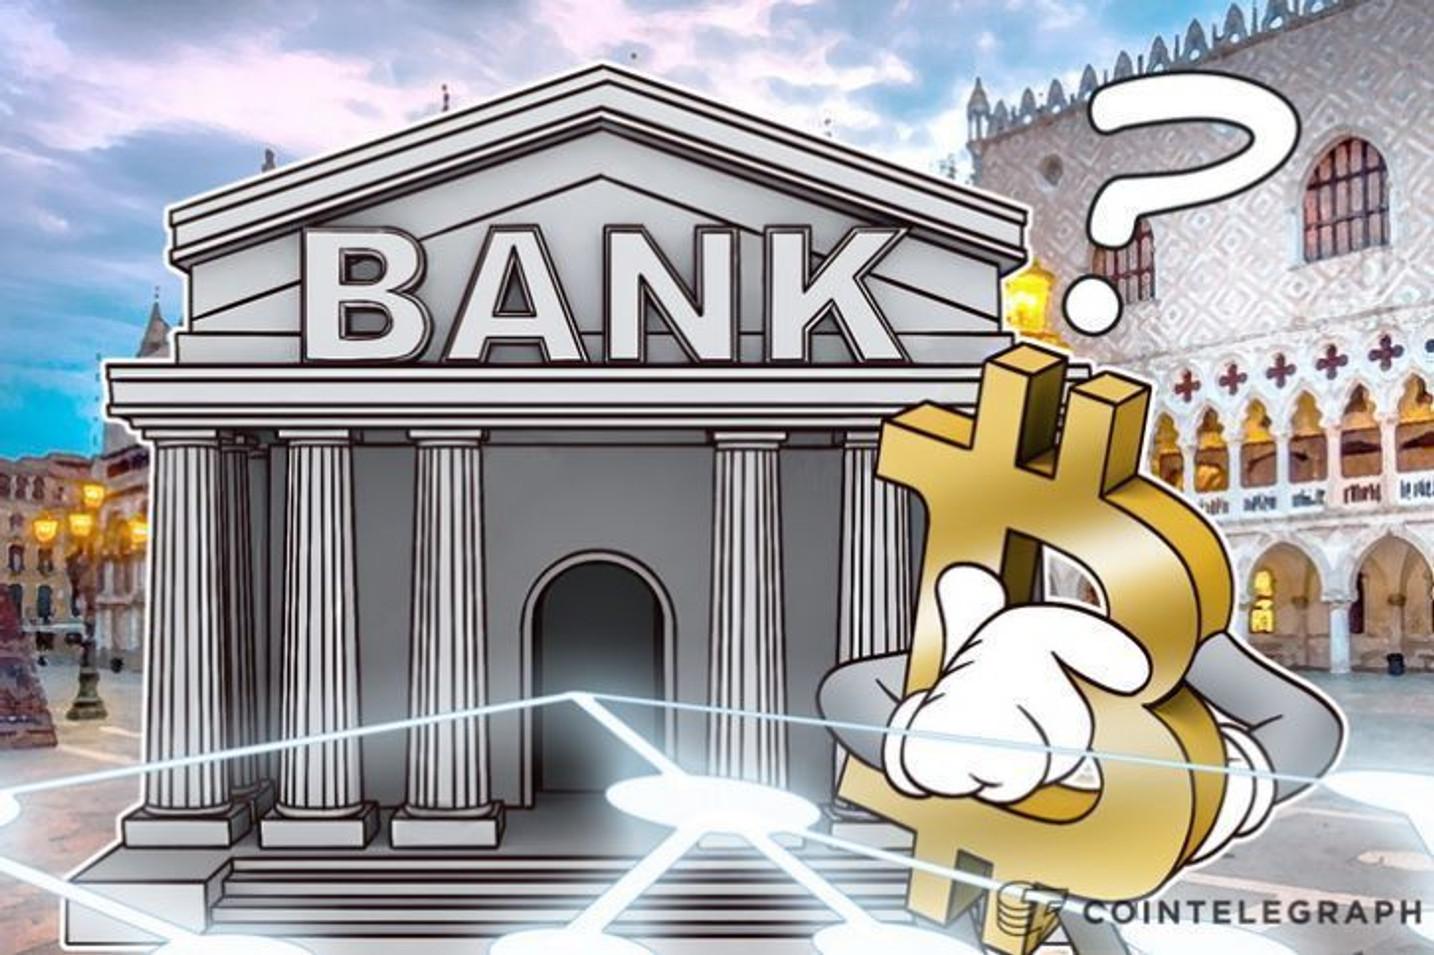 7つの大手グローバル銀行:ブロックチェーンをベースとしたシンジケートローンマーケットプレイスの開発のために、フィンテック企業と提携を結ぶ。